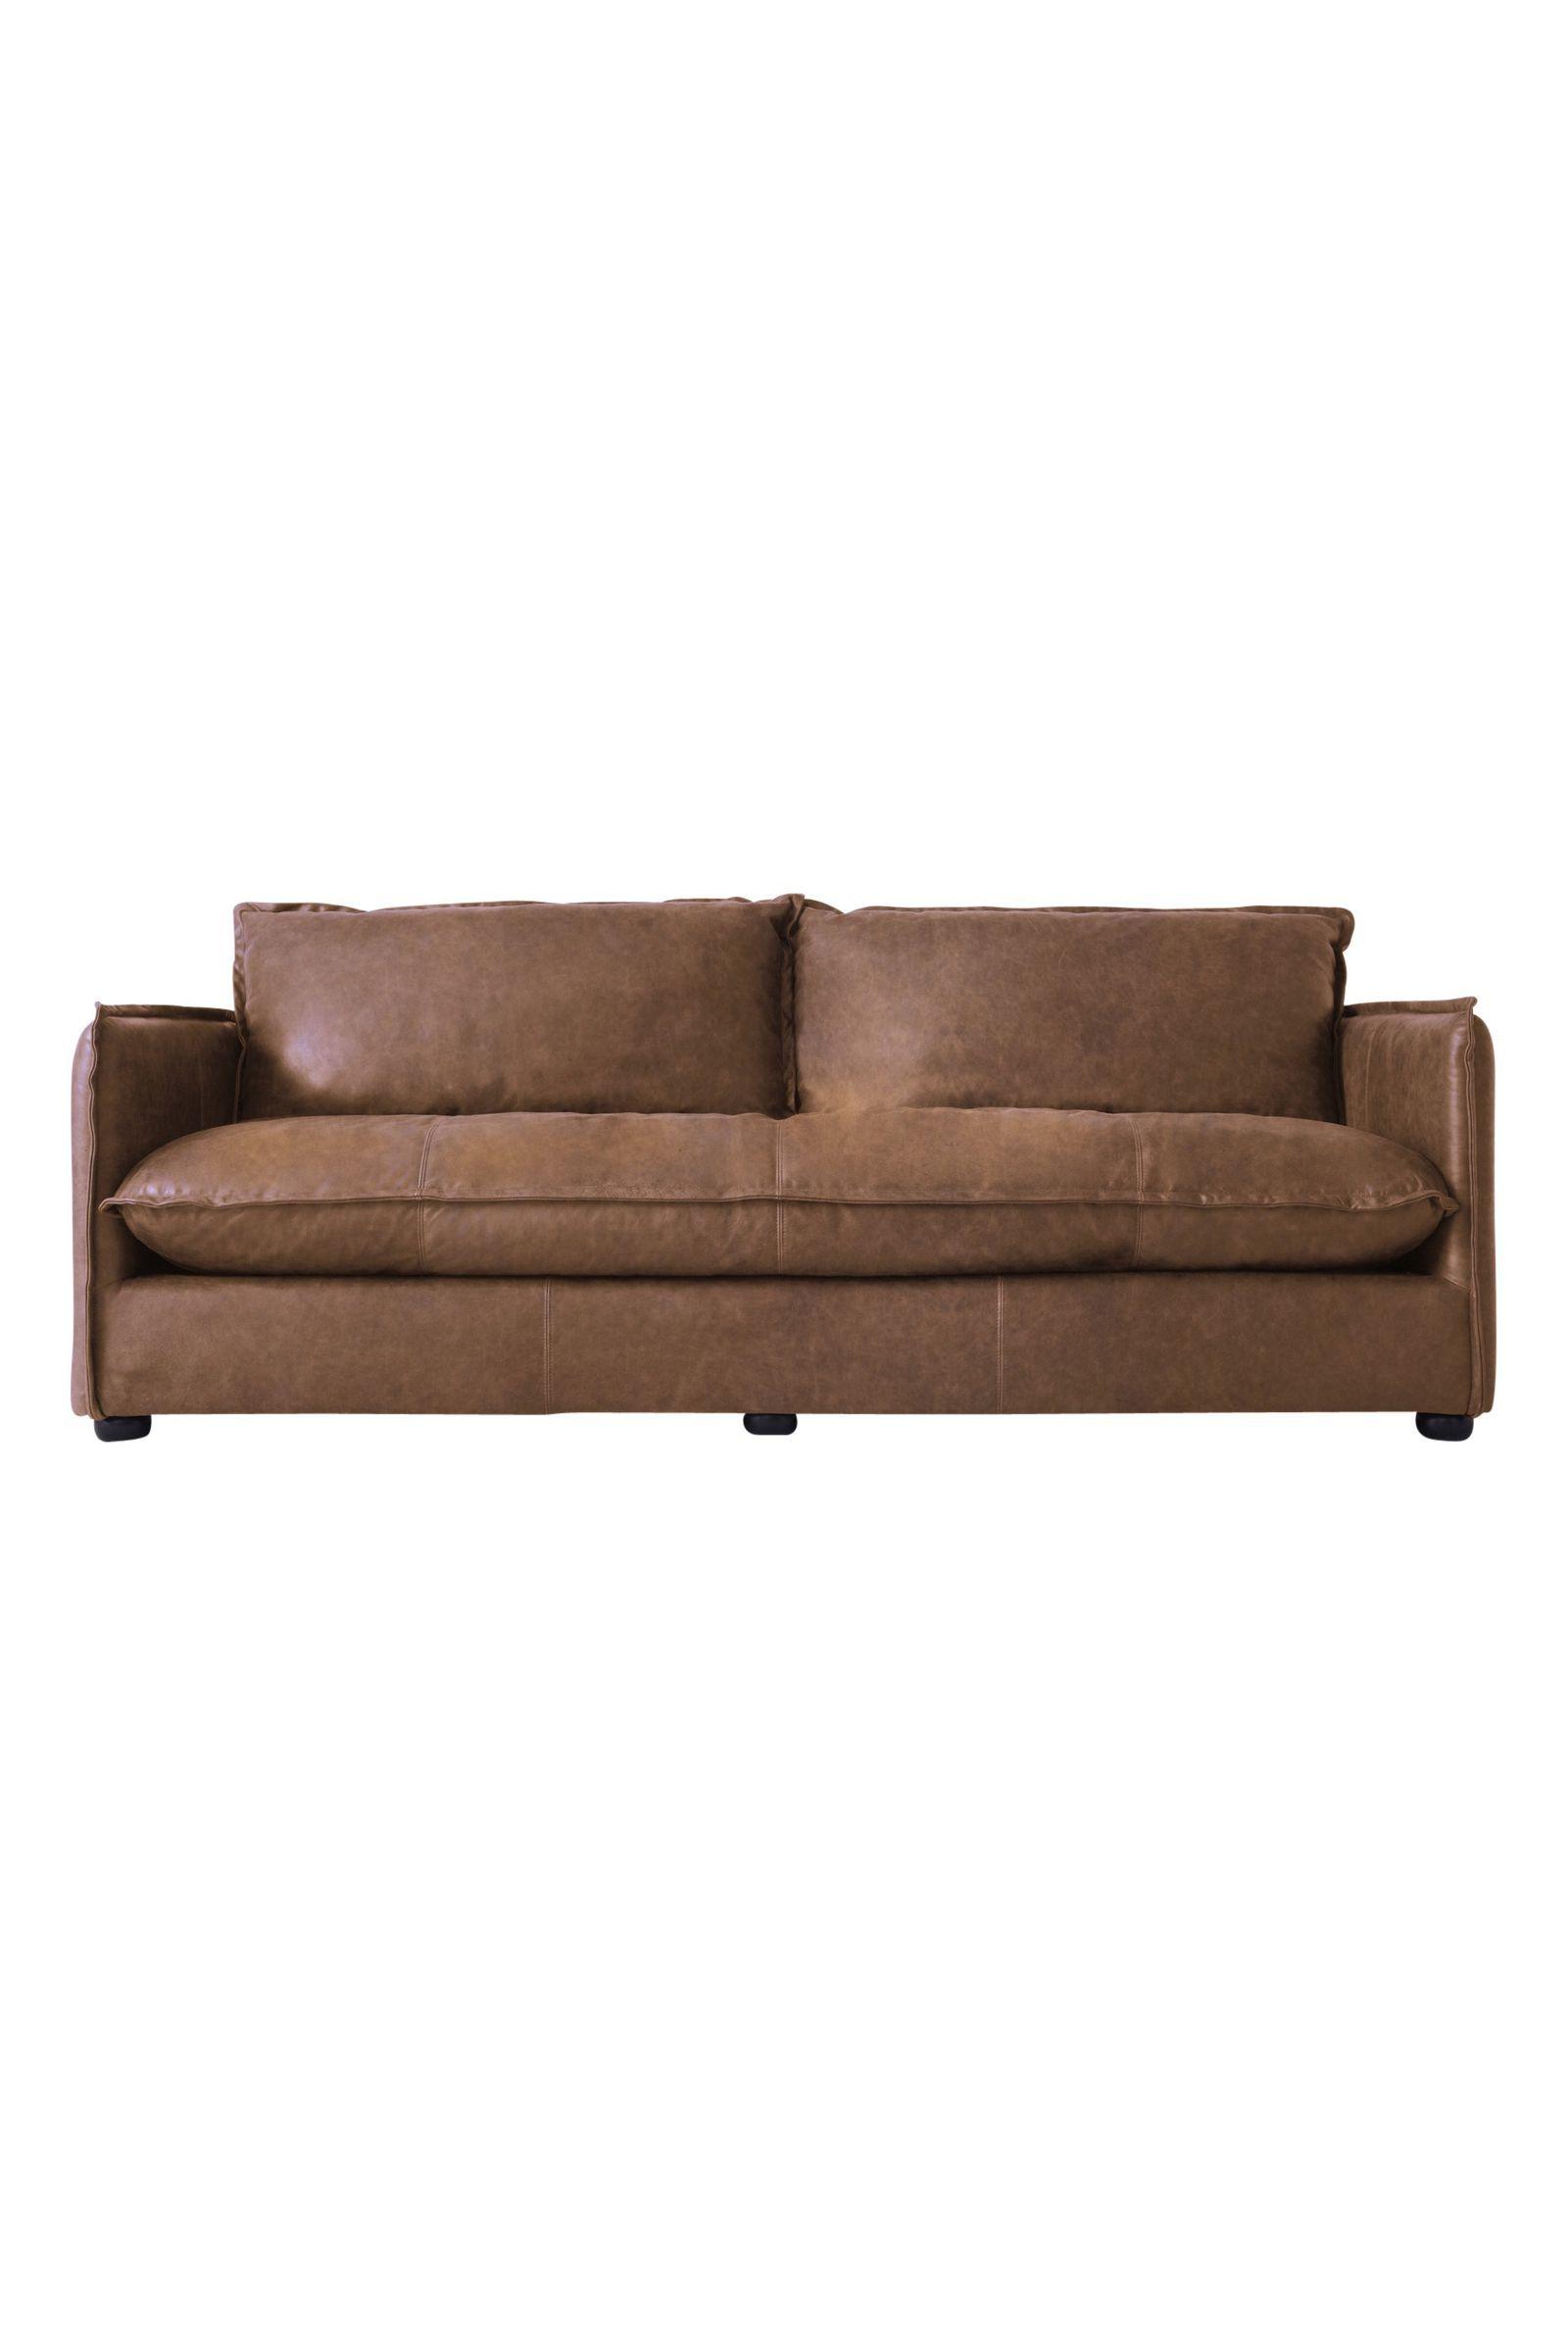 Sofas For Less Uk Sofa Z Funkcja Spania Codziennego I Pojemnikiem Na Posciel 13 Gorgeous Around 3 000 Or Decorative The Downiest